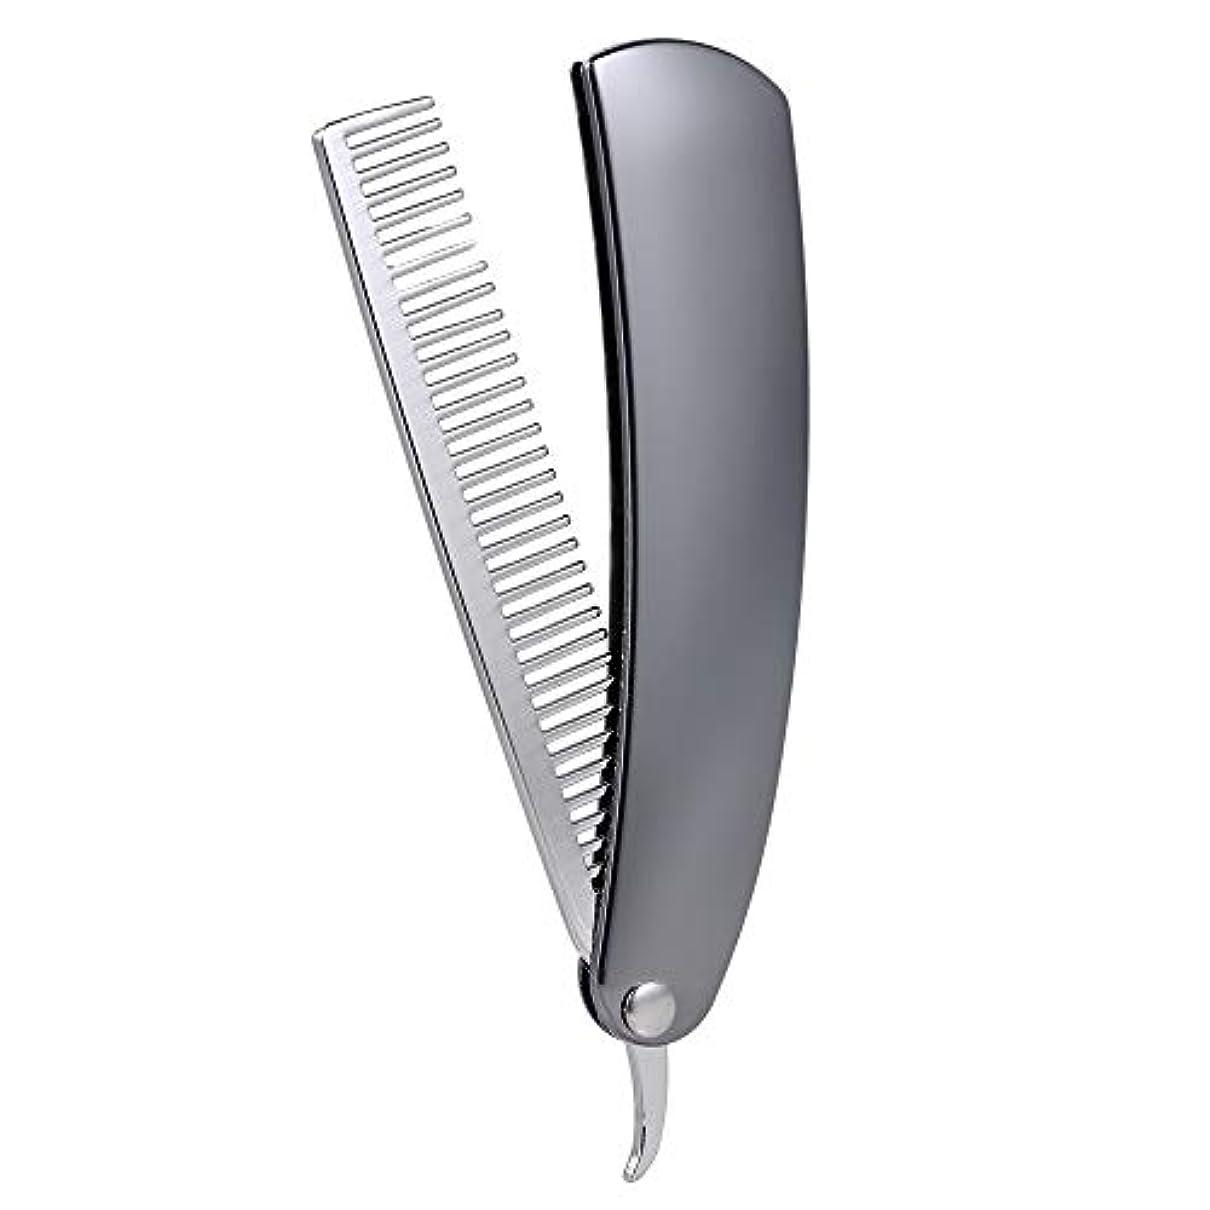 対応する一見ぶら下がるFoldable Male Beard hair Combs Stainless Steel Brush Mini Pocket Men's Shaving Comb Portable Mustache Styling...